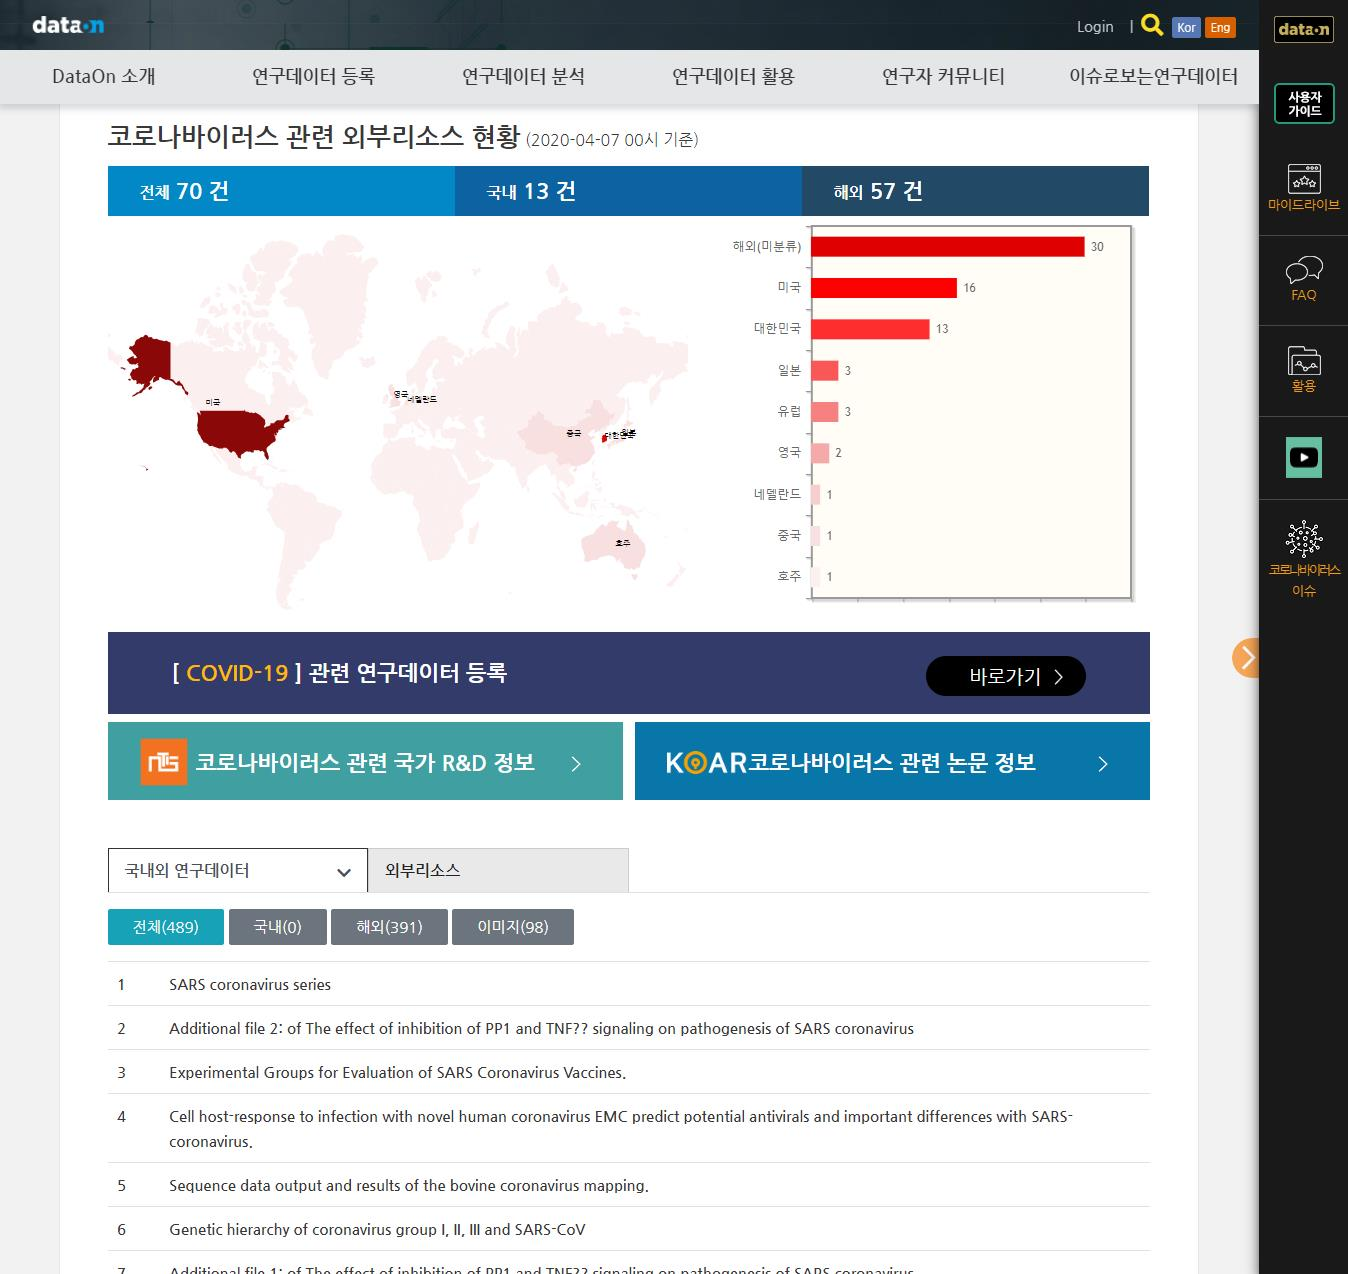 dataon홈페이지 코로나 바이러스 관련 외부리소스 현황 페이지 사진